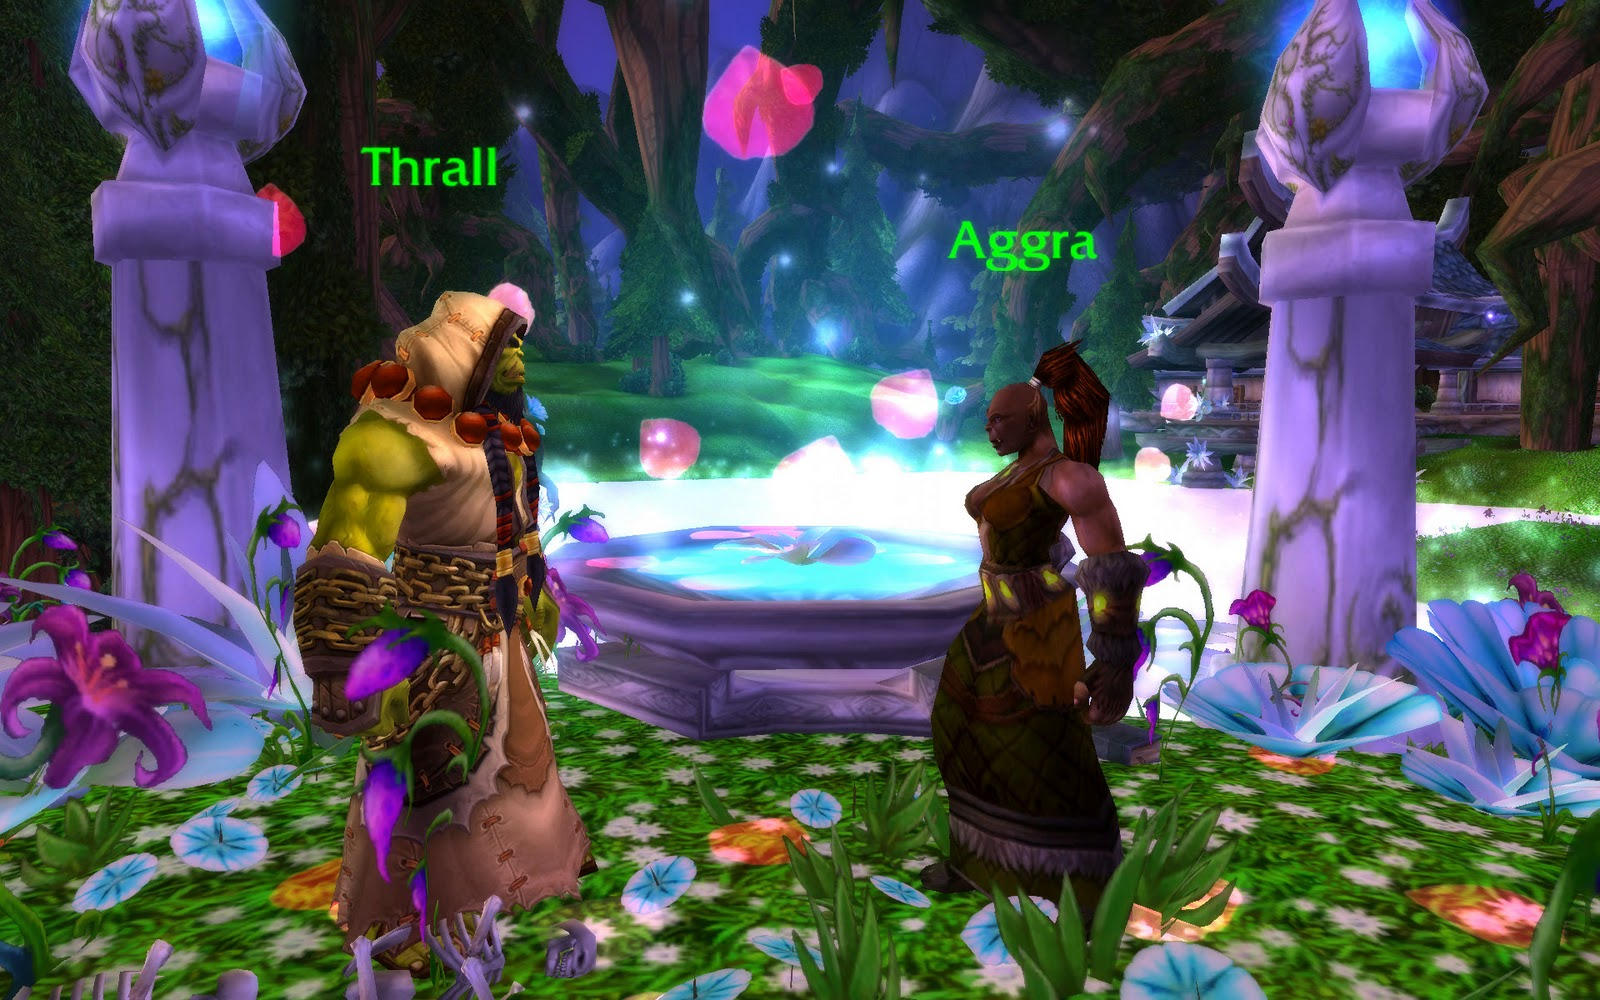 Thrall and aggra wedding